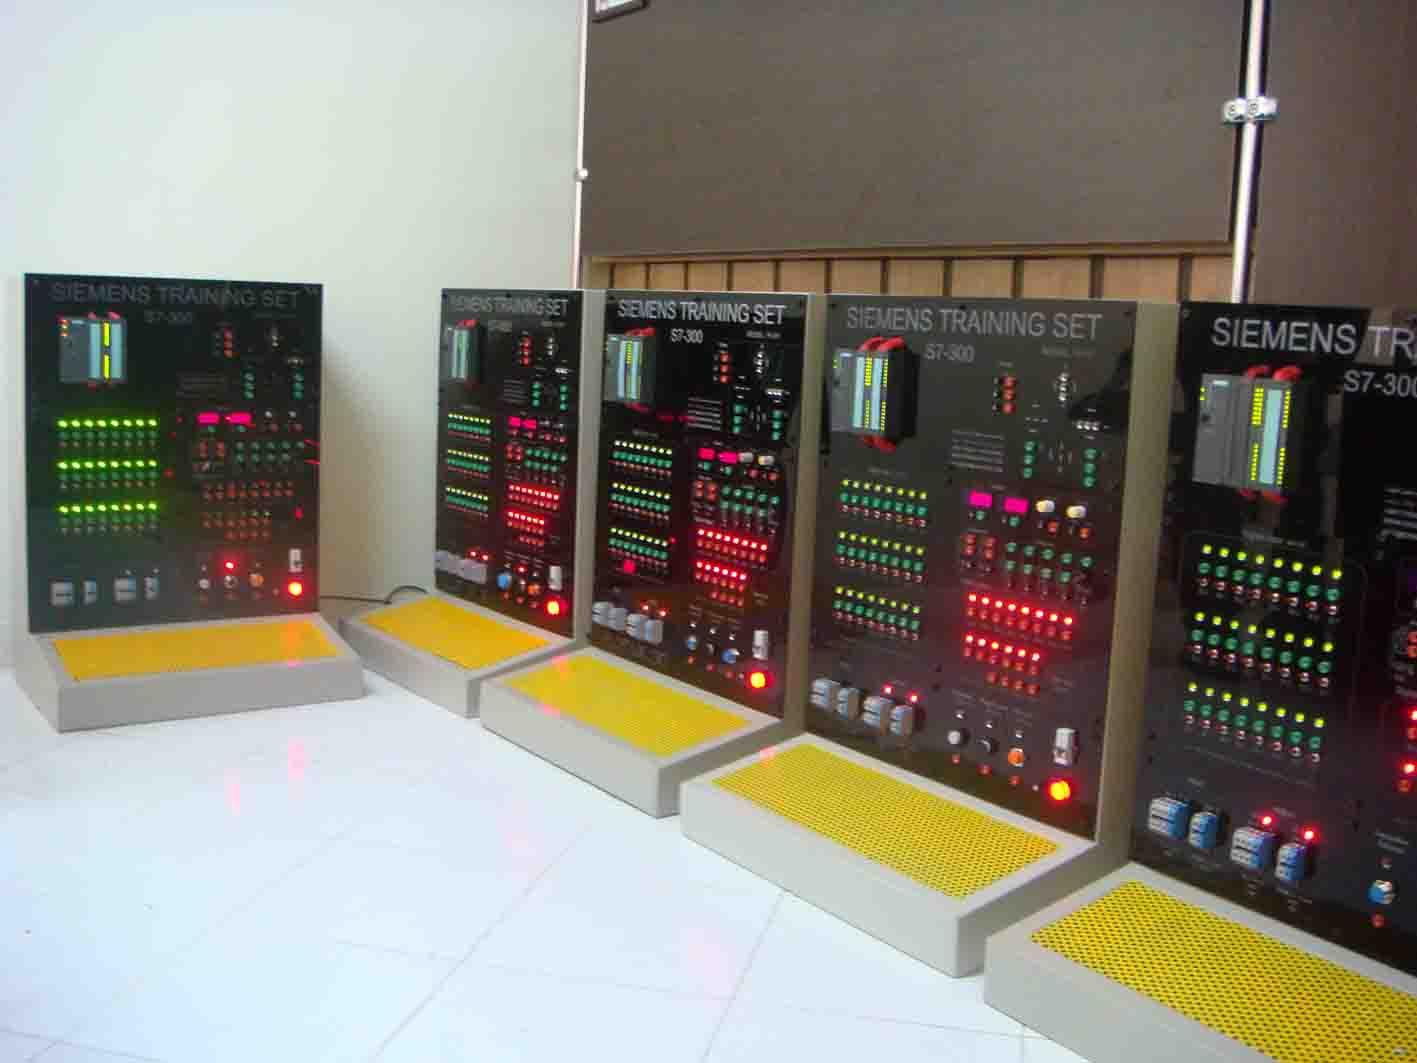 ساخت و فروش ست آموزشي plc _ ست آموزشي ابزار دقيق _